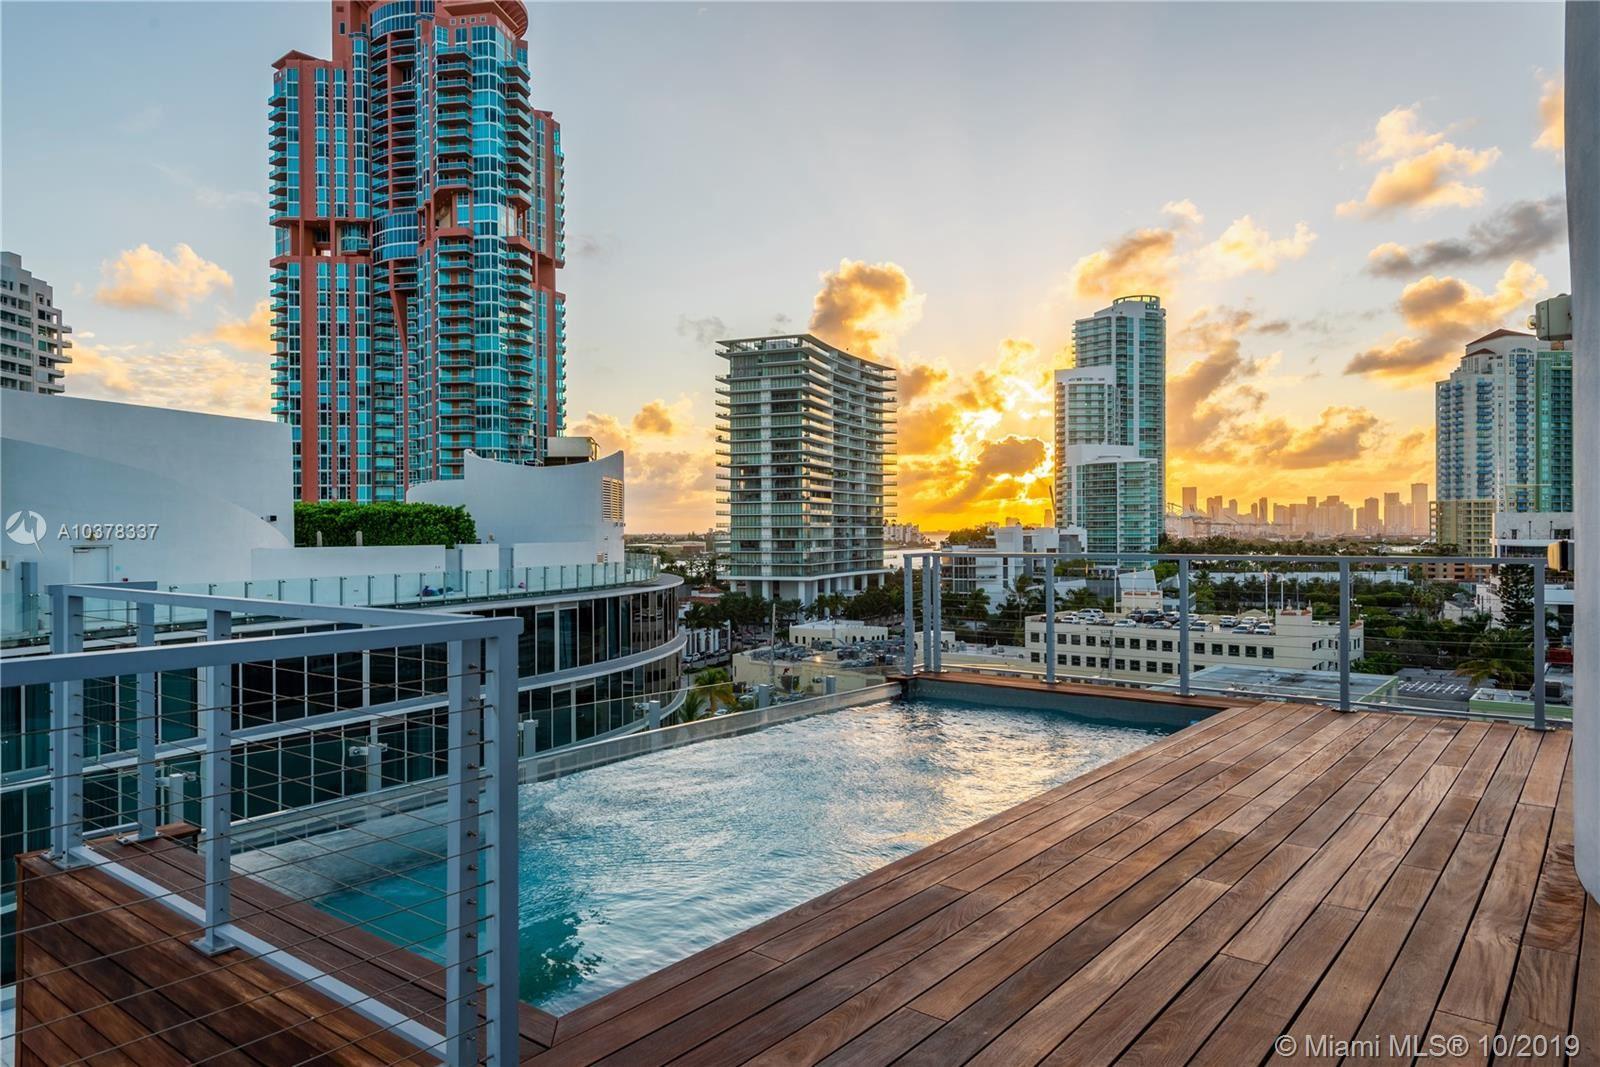 1 Collins Avenue #707, Miami Beach, FL 33139 - #: A10378337